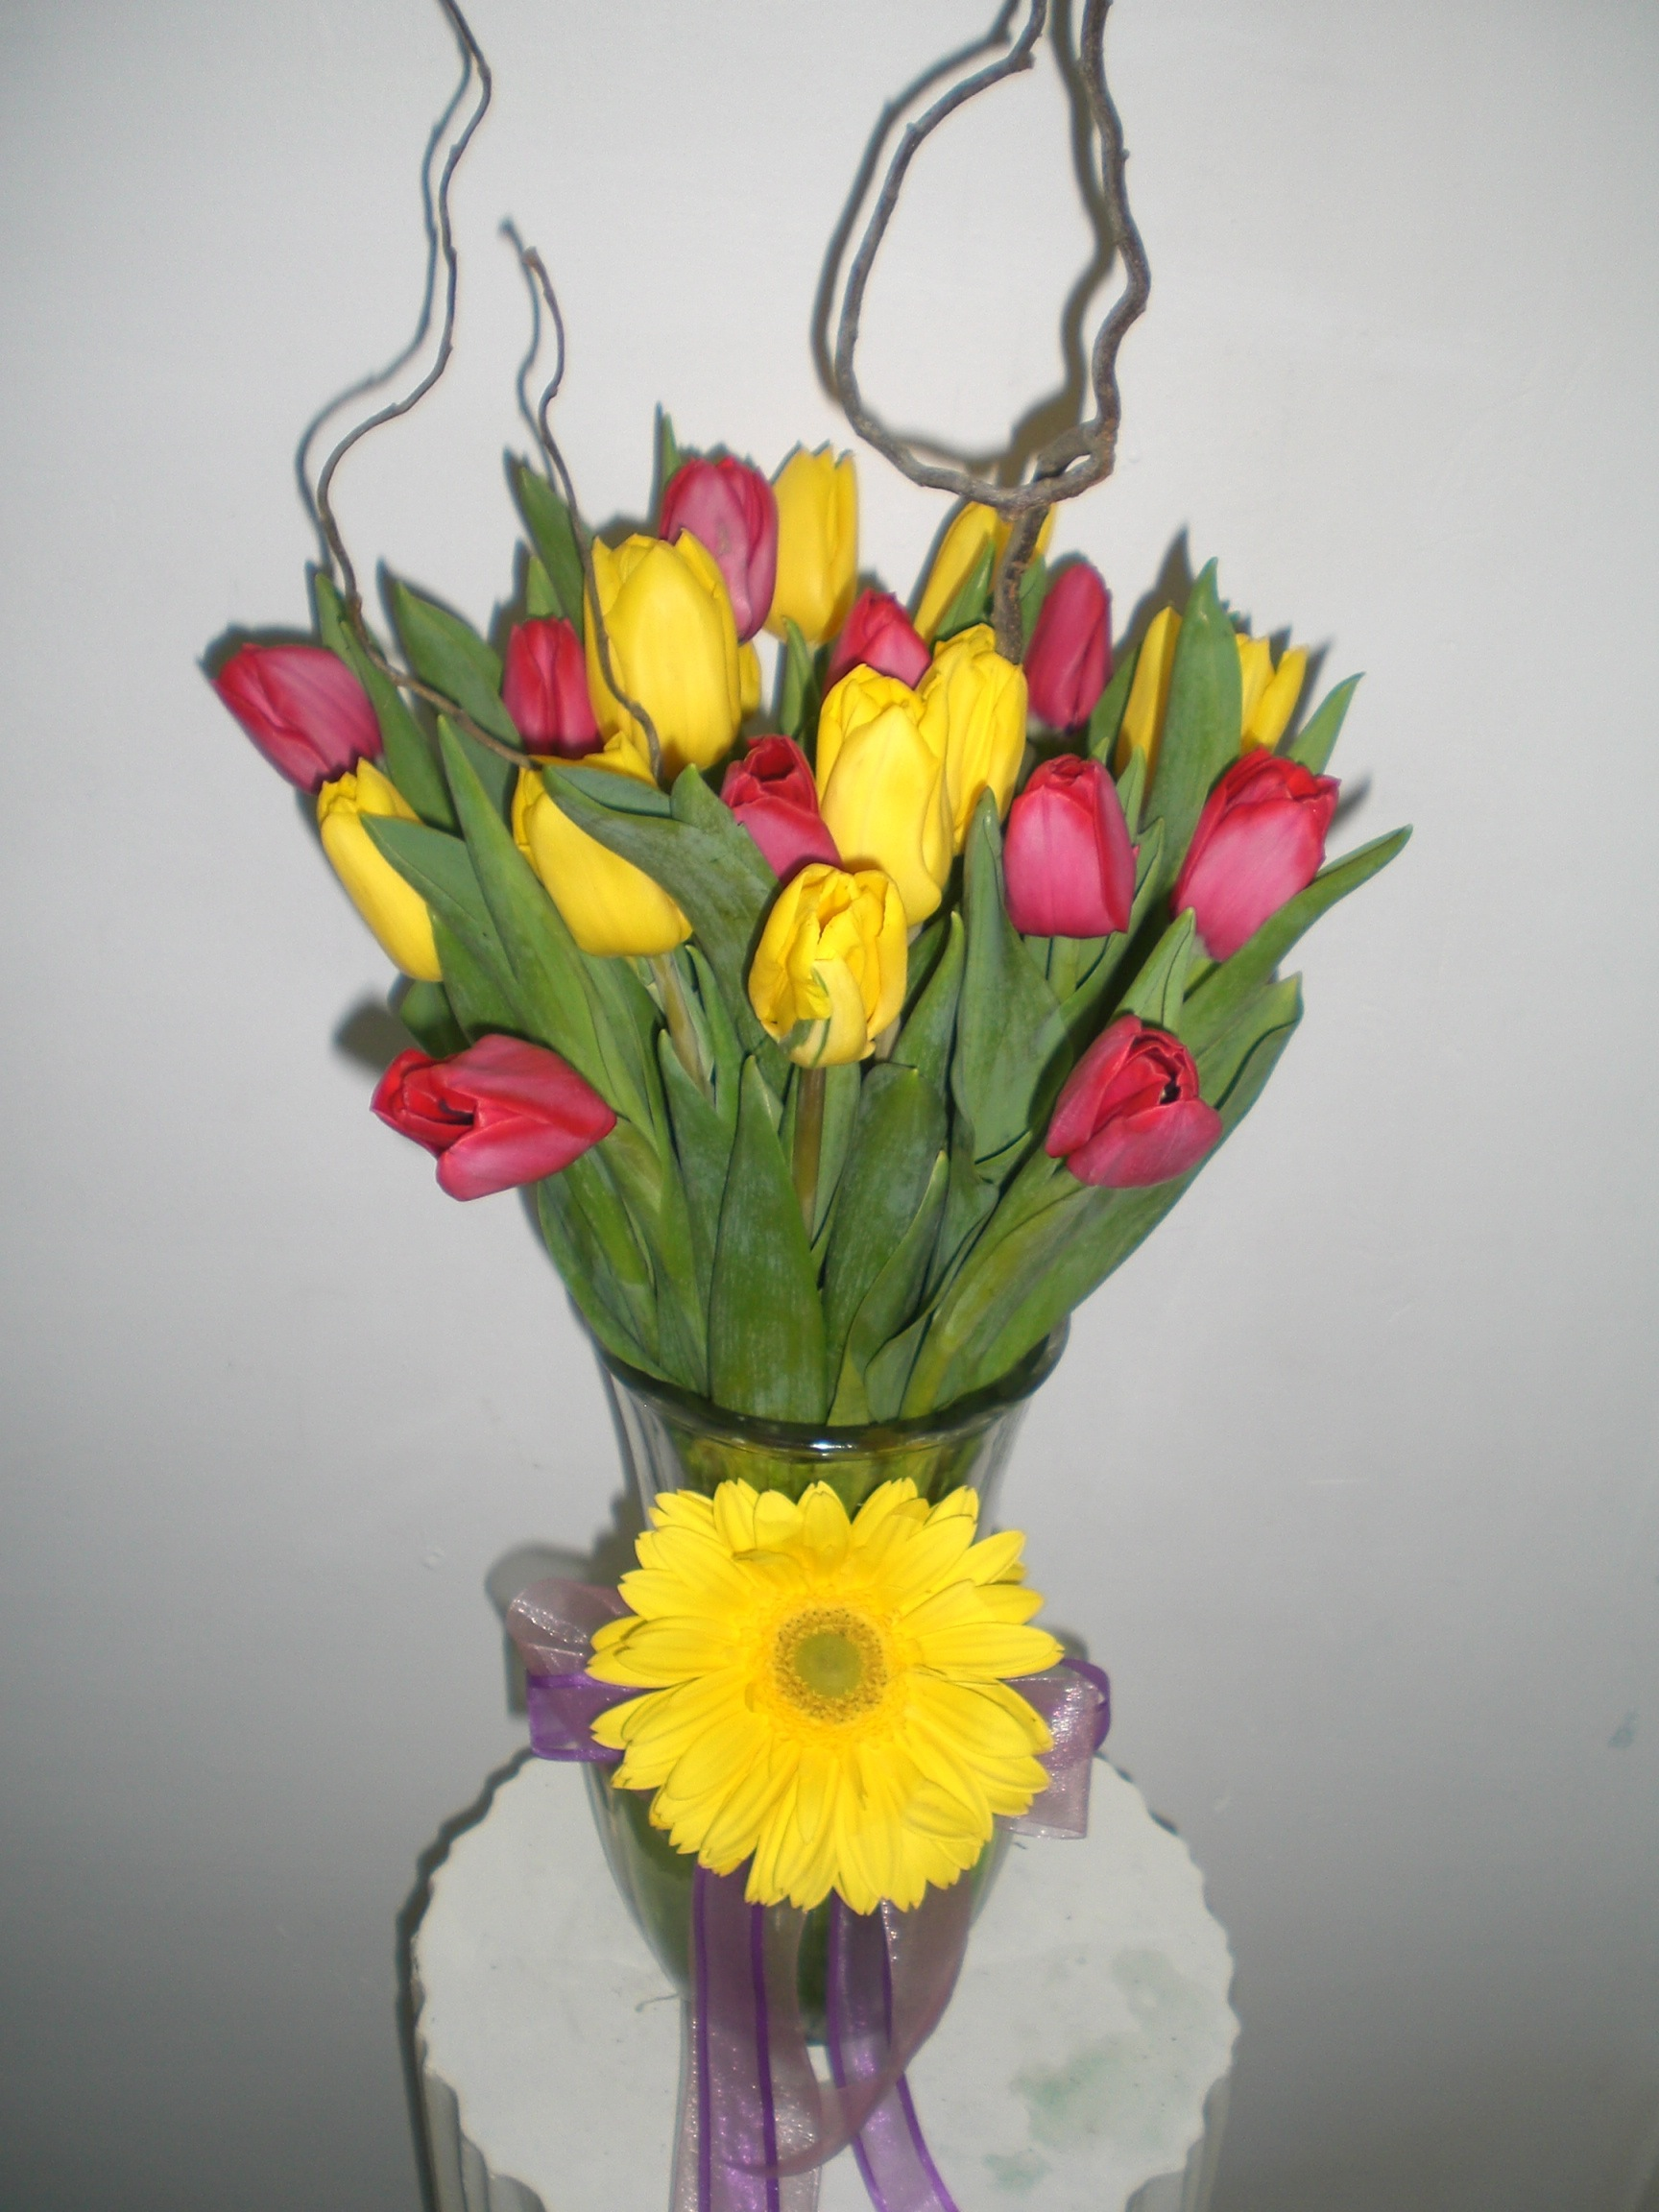 boniot florero de  20 tulipanes en base de vidrio 600 pesos